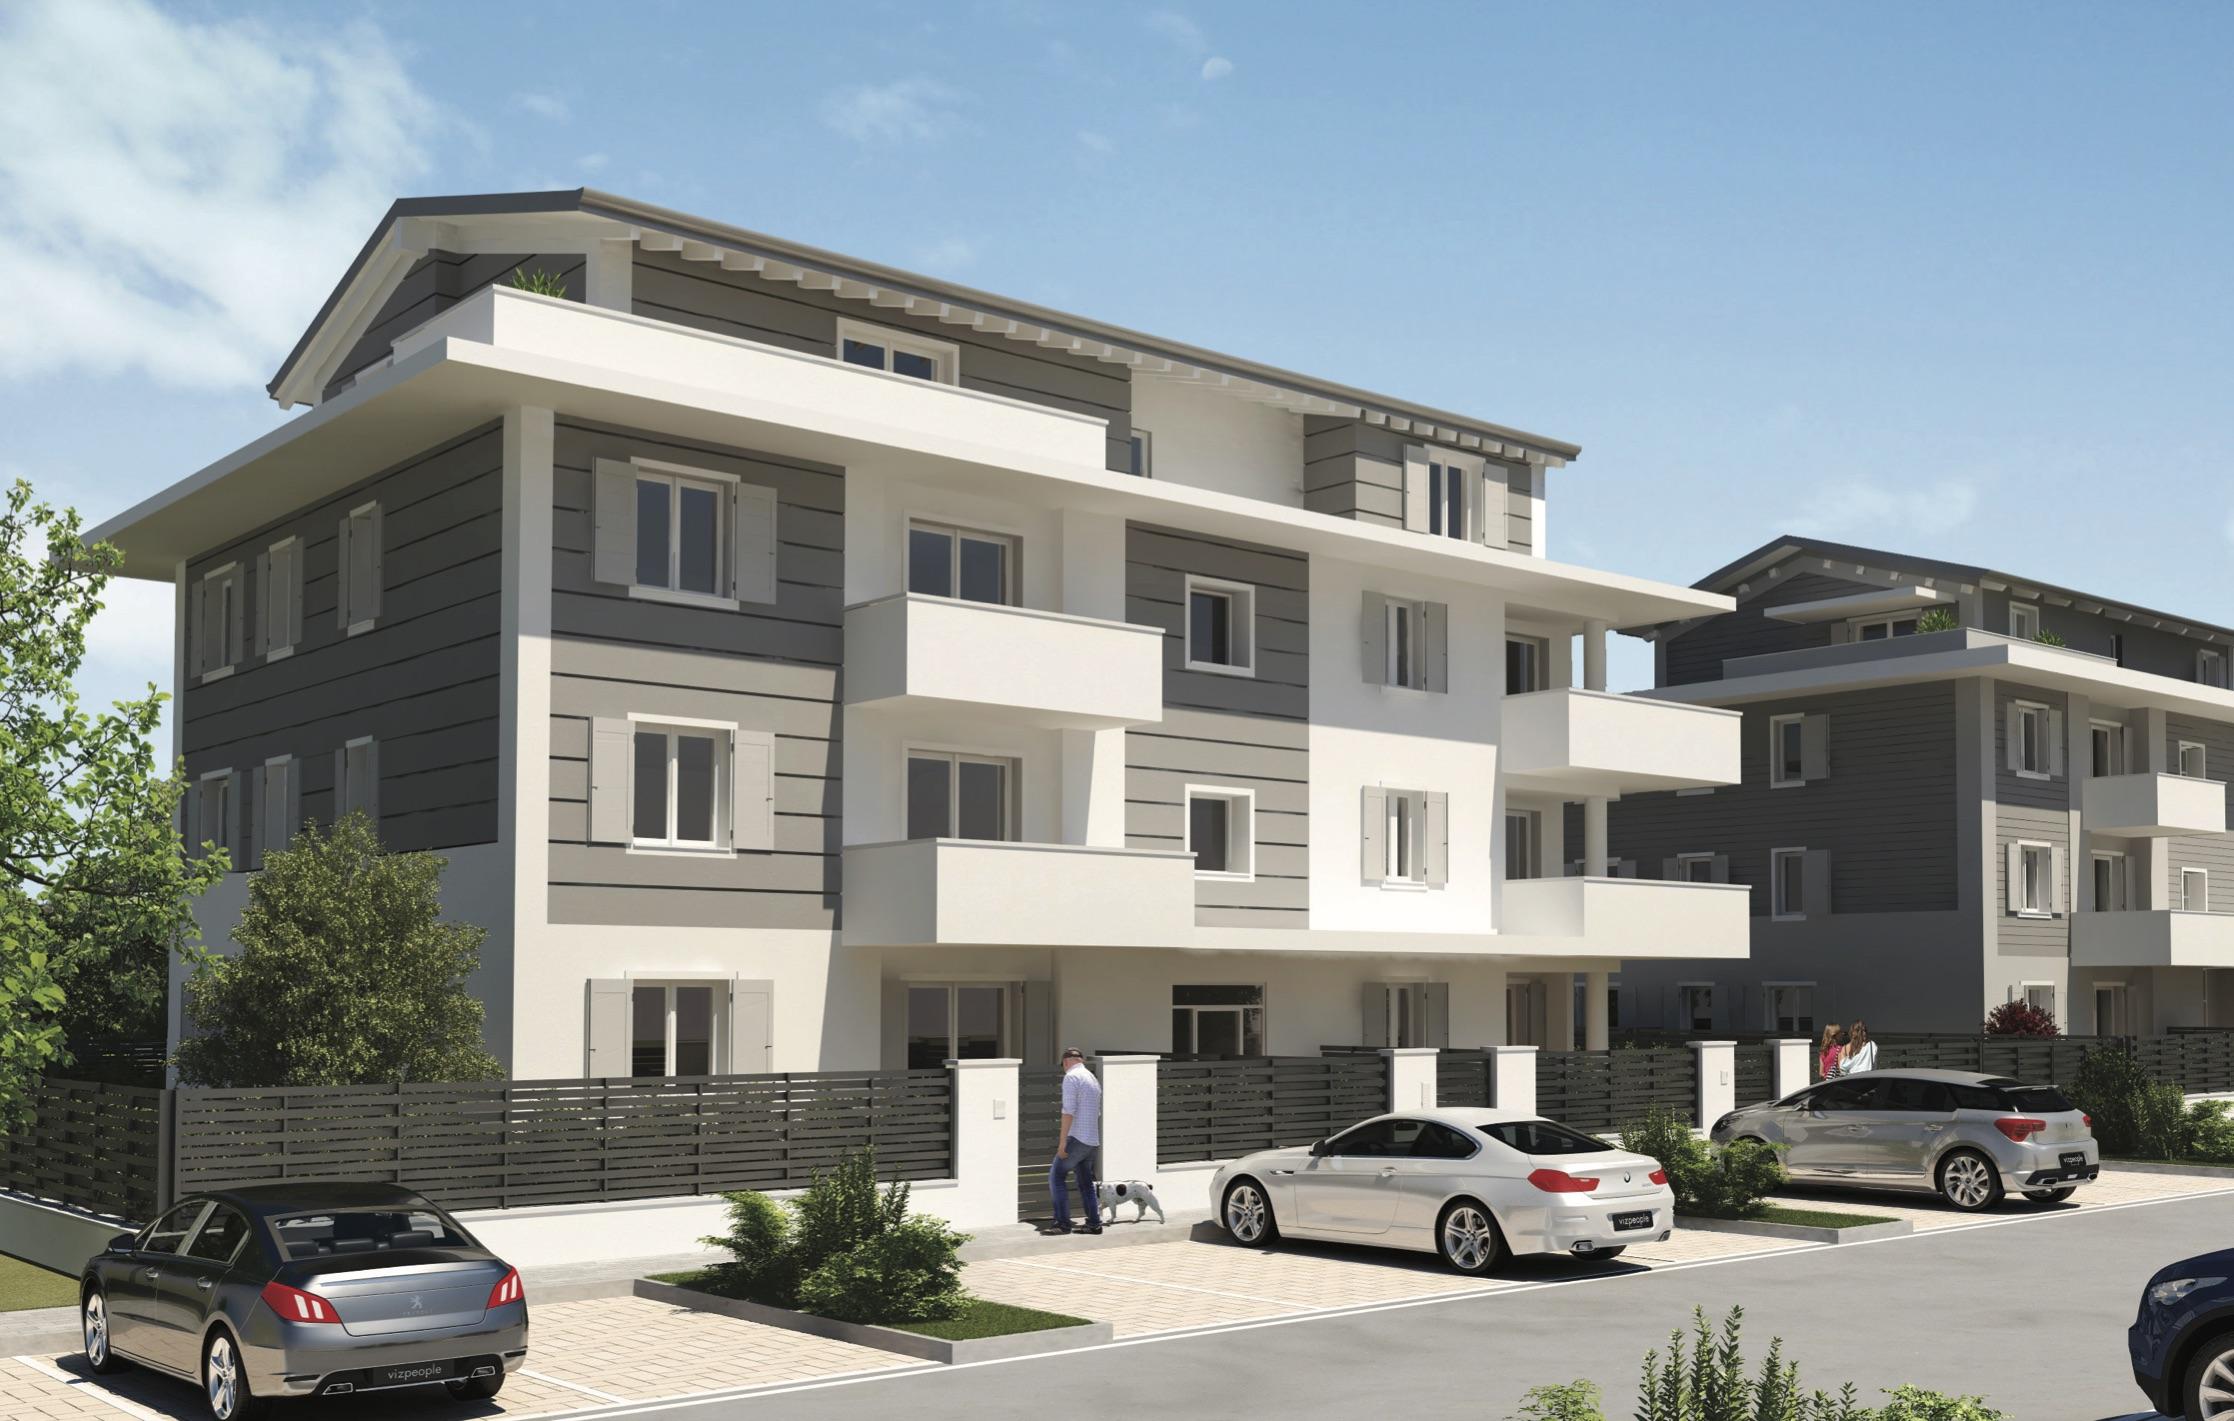 Prossima Realizzazione Appartamenti Ubersetto – Rif C631